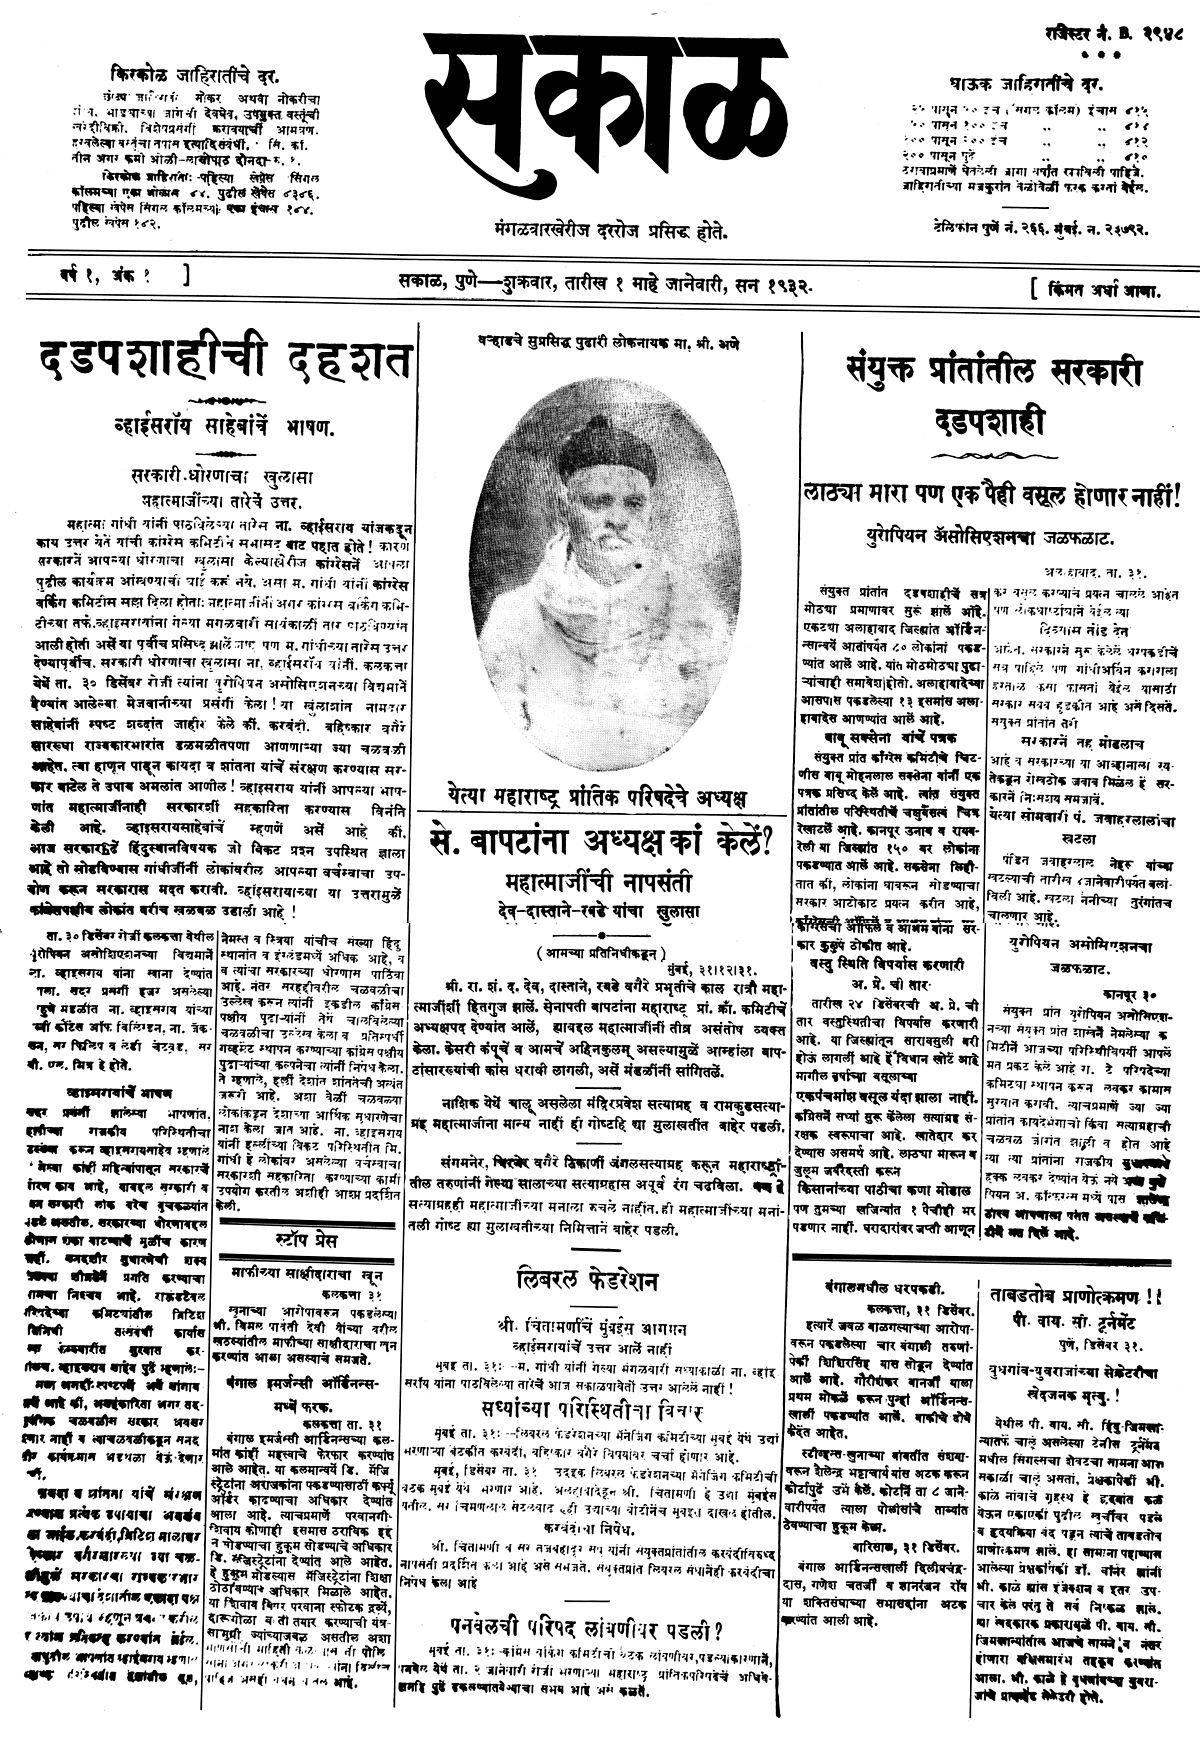 Sakal - Wikipedia